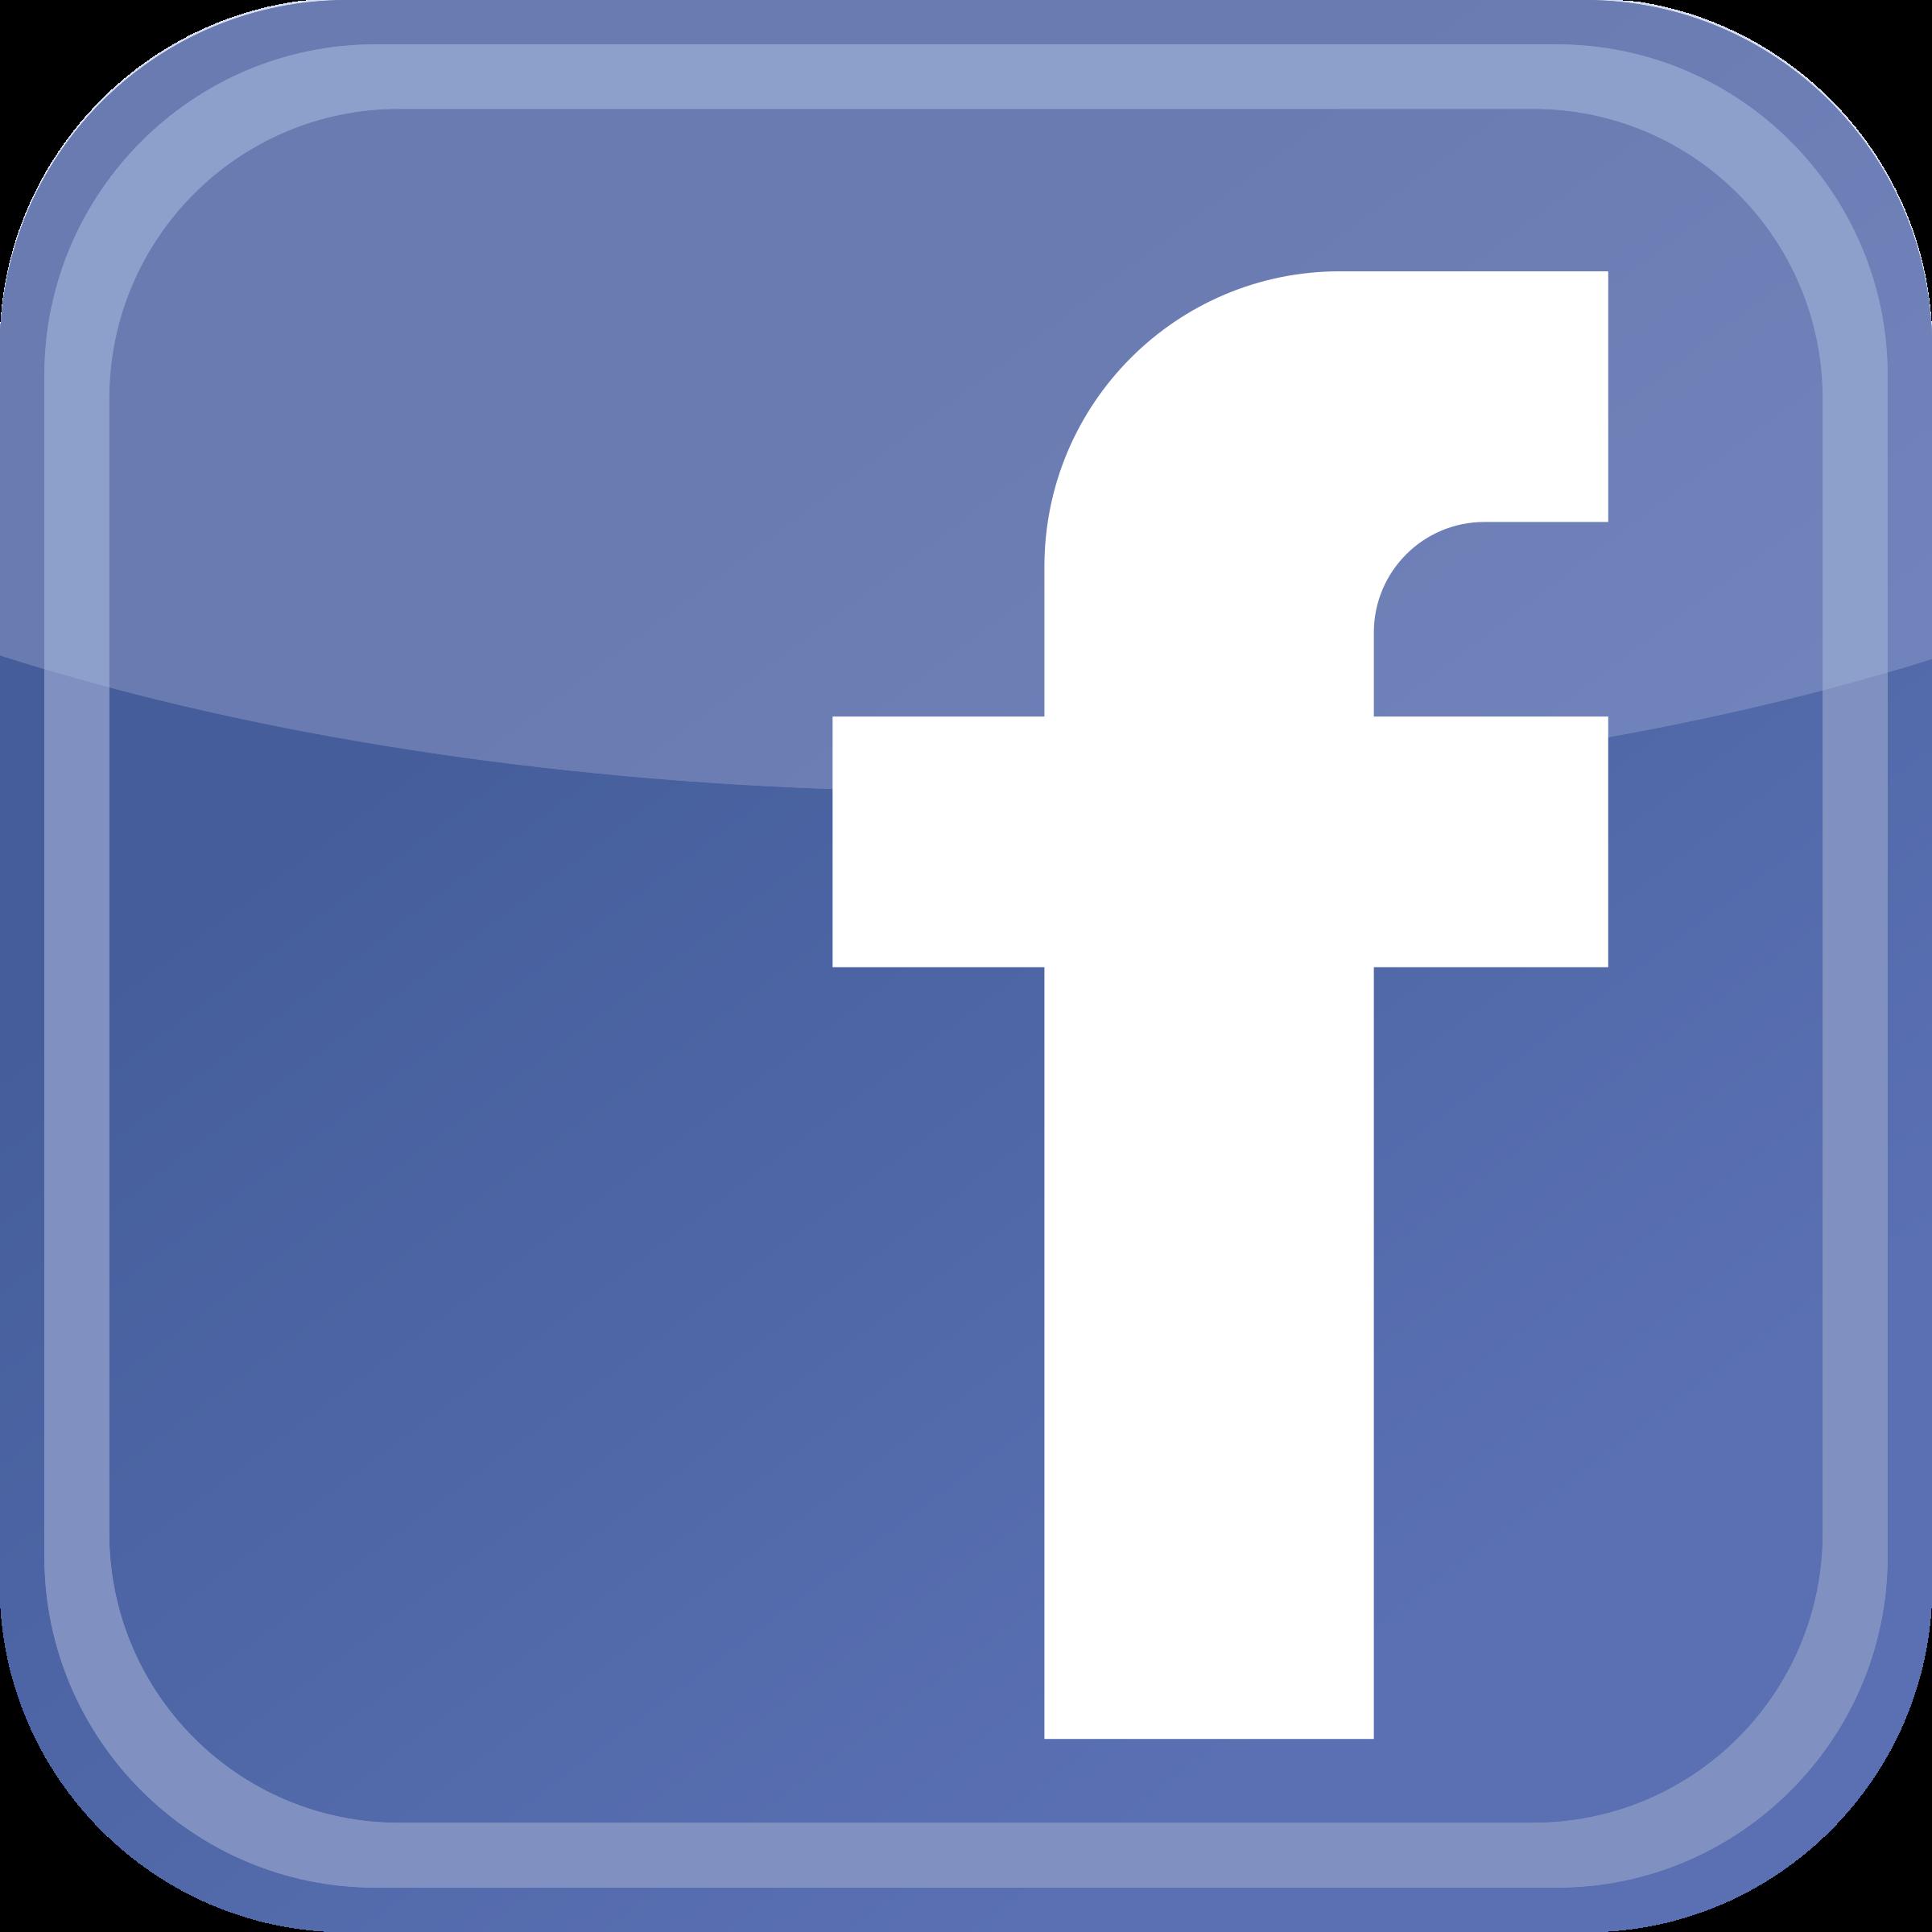 Facebook Logo Png Transparent Svg Vector Freebie Supply